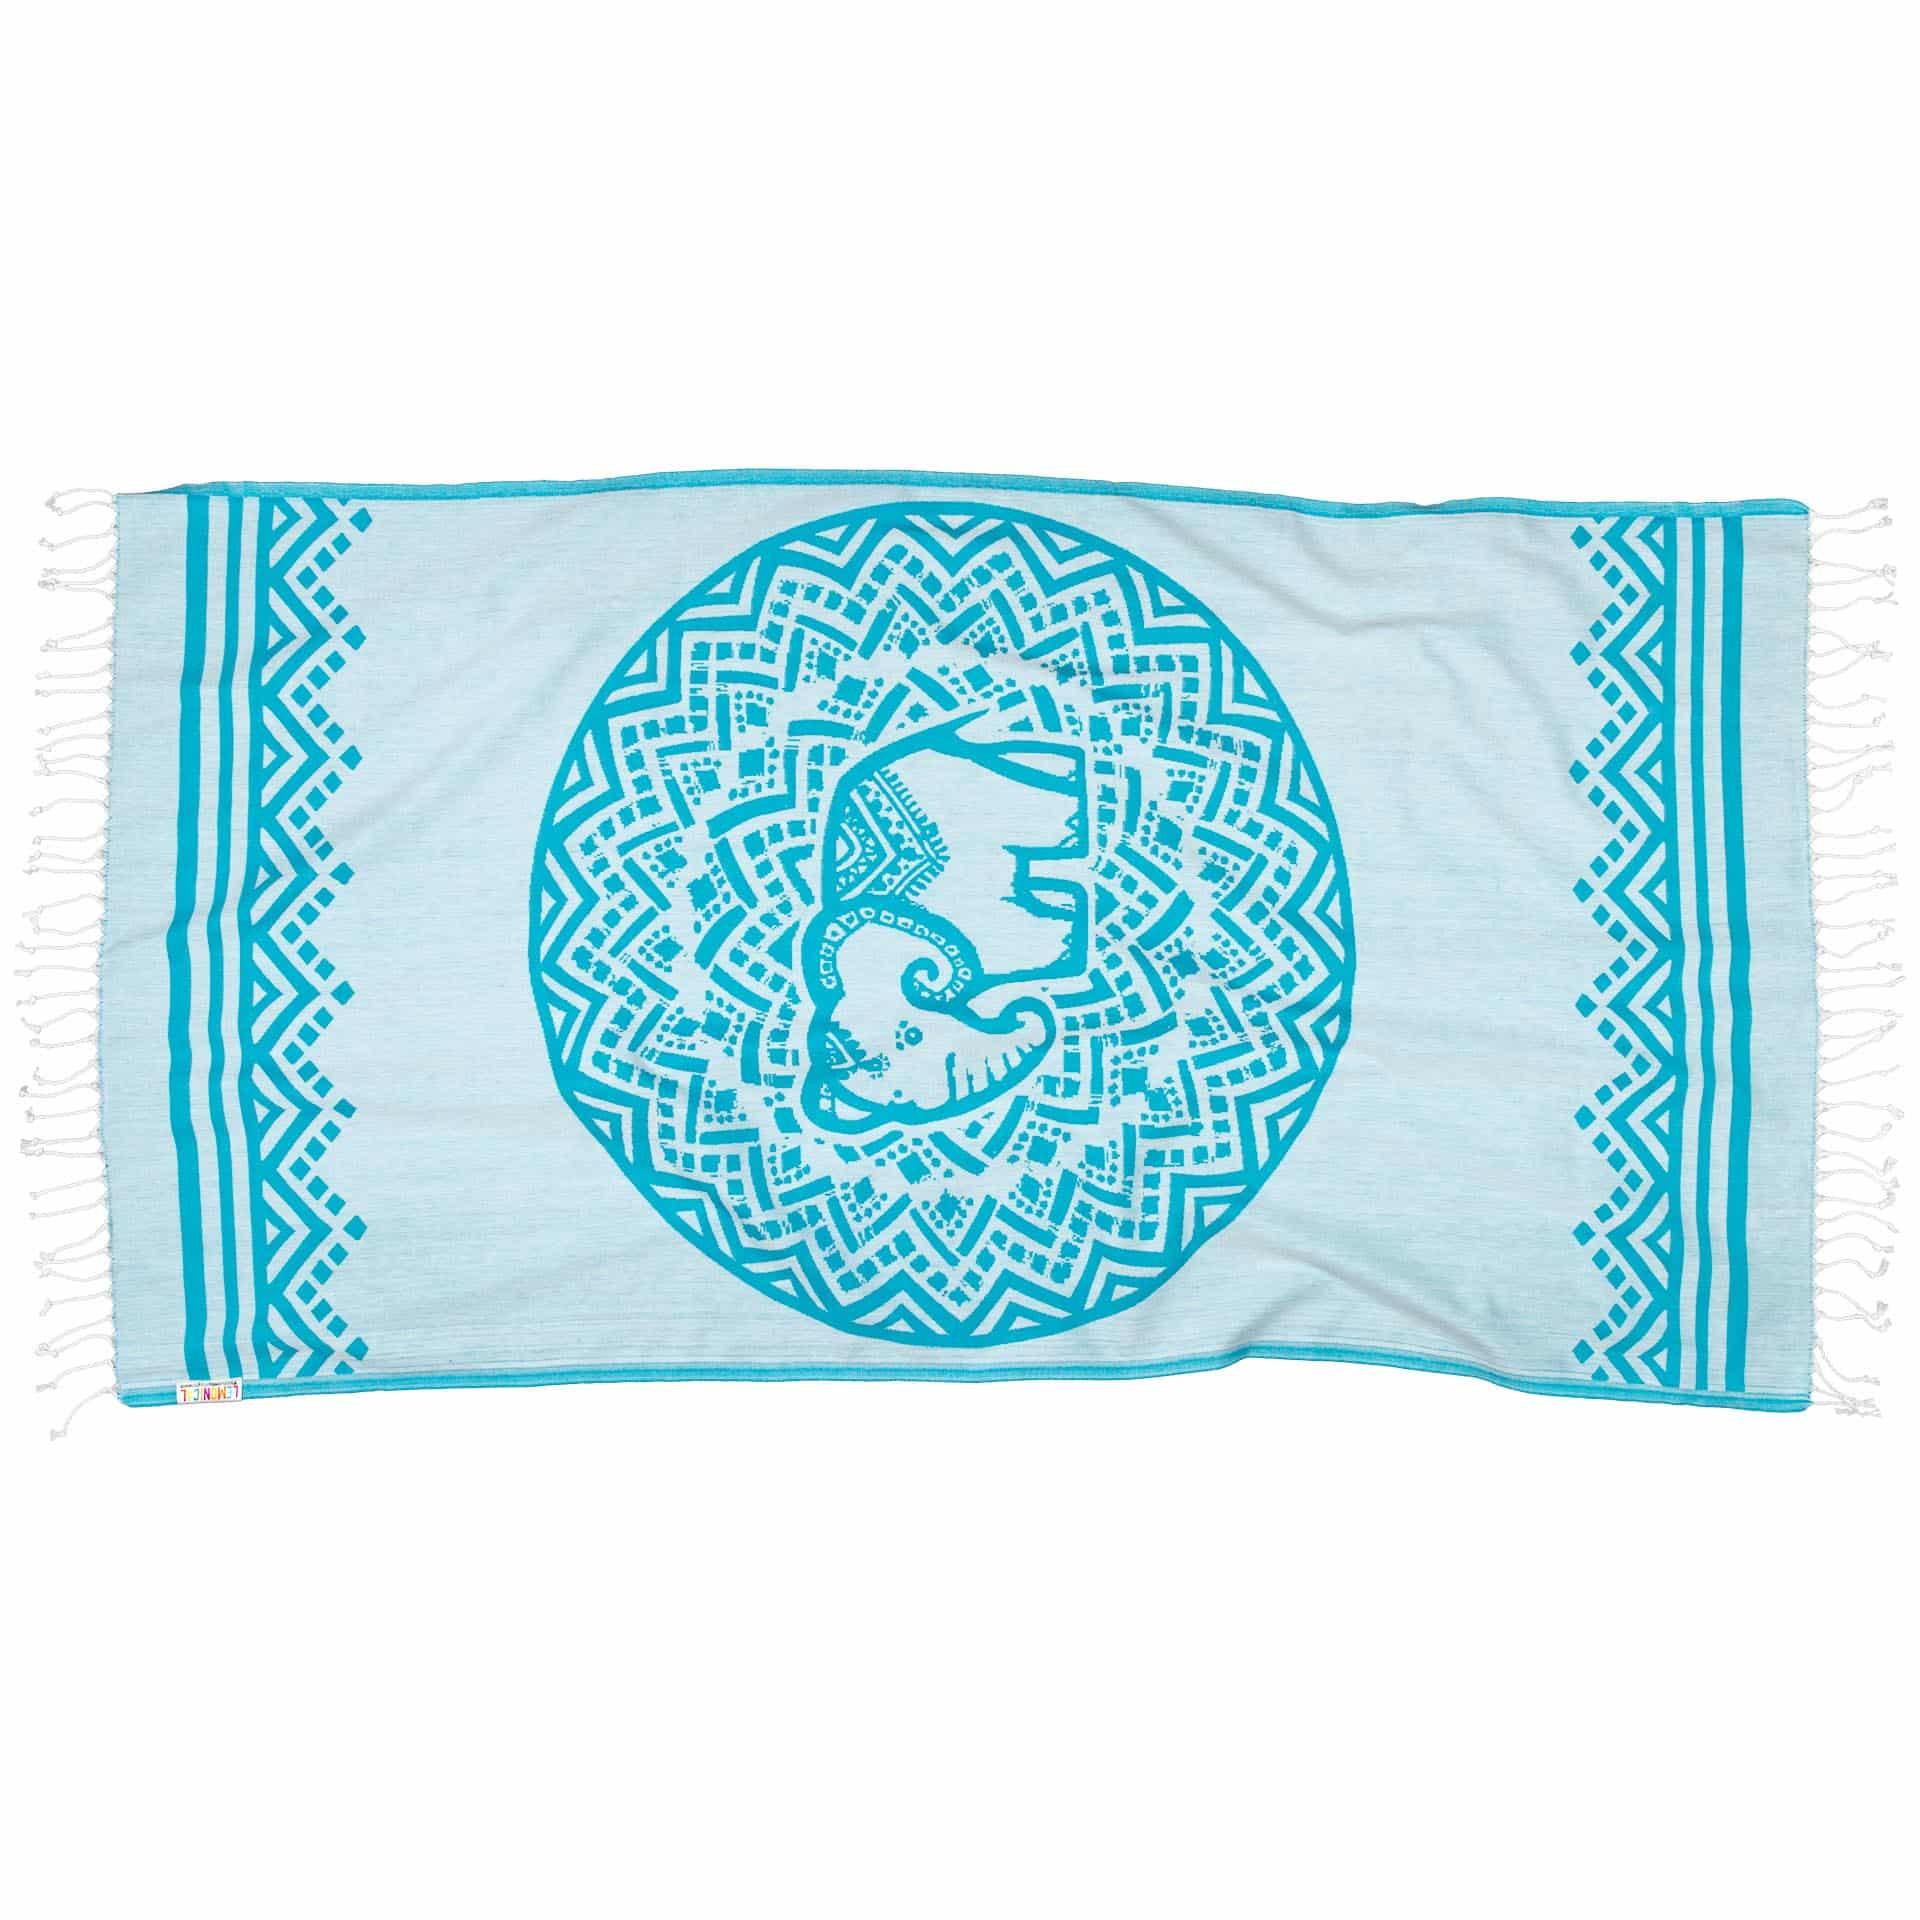 BLUE-ELEPHANT-Towel-Lemonical-2